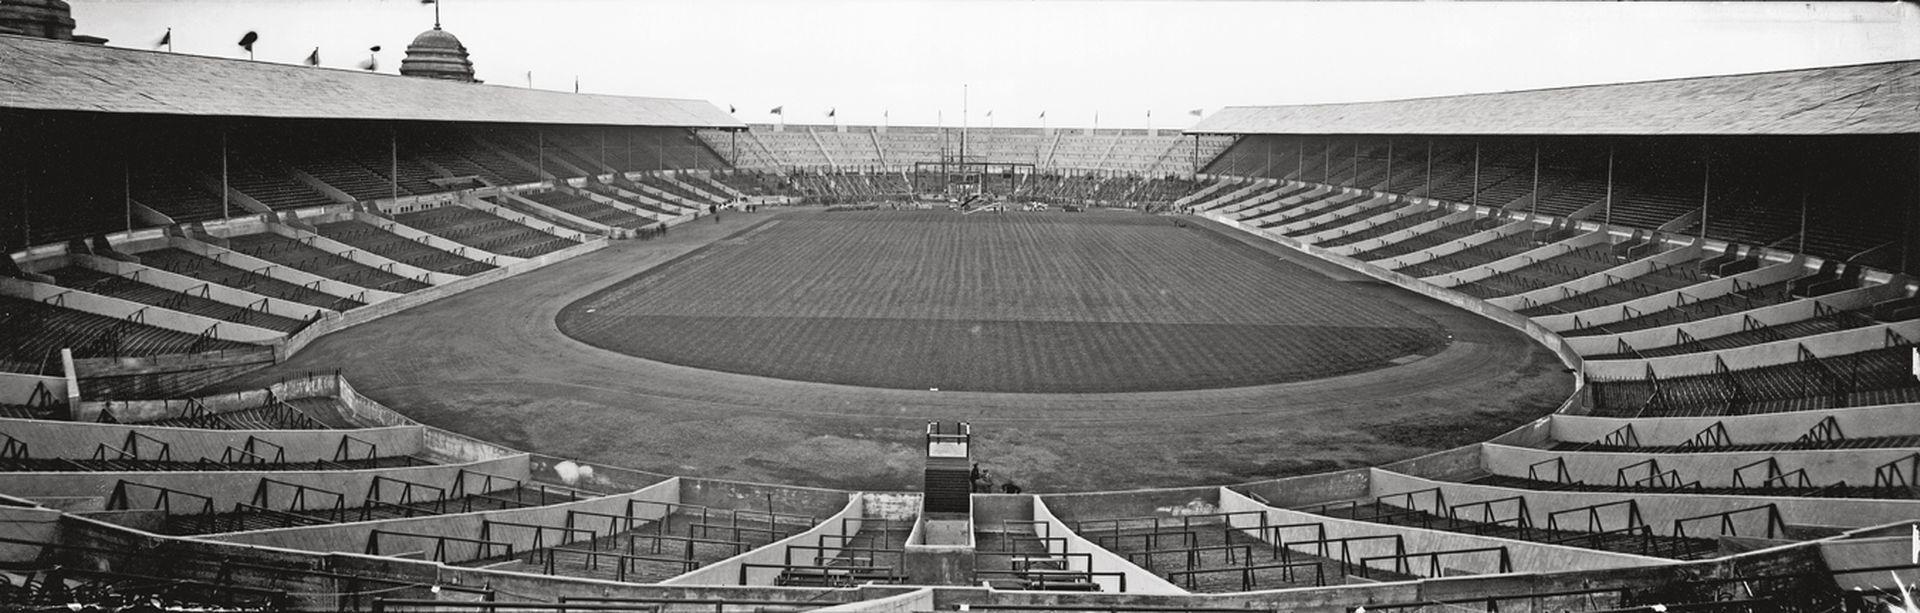 """Стадион """"Уембли"""" през 1923 г., седмици преди откриването му"""